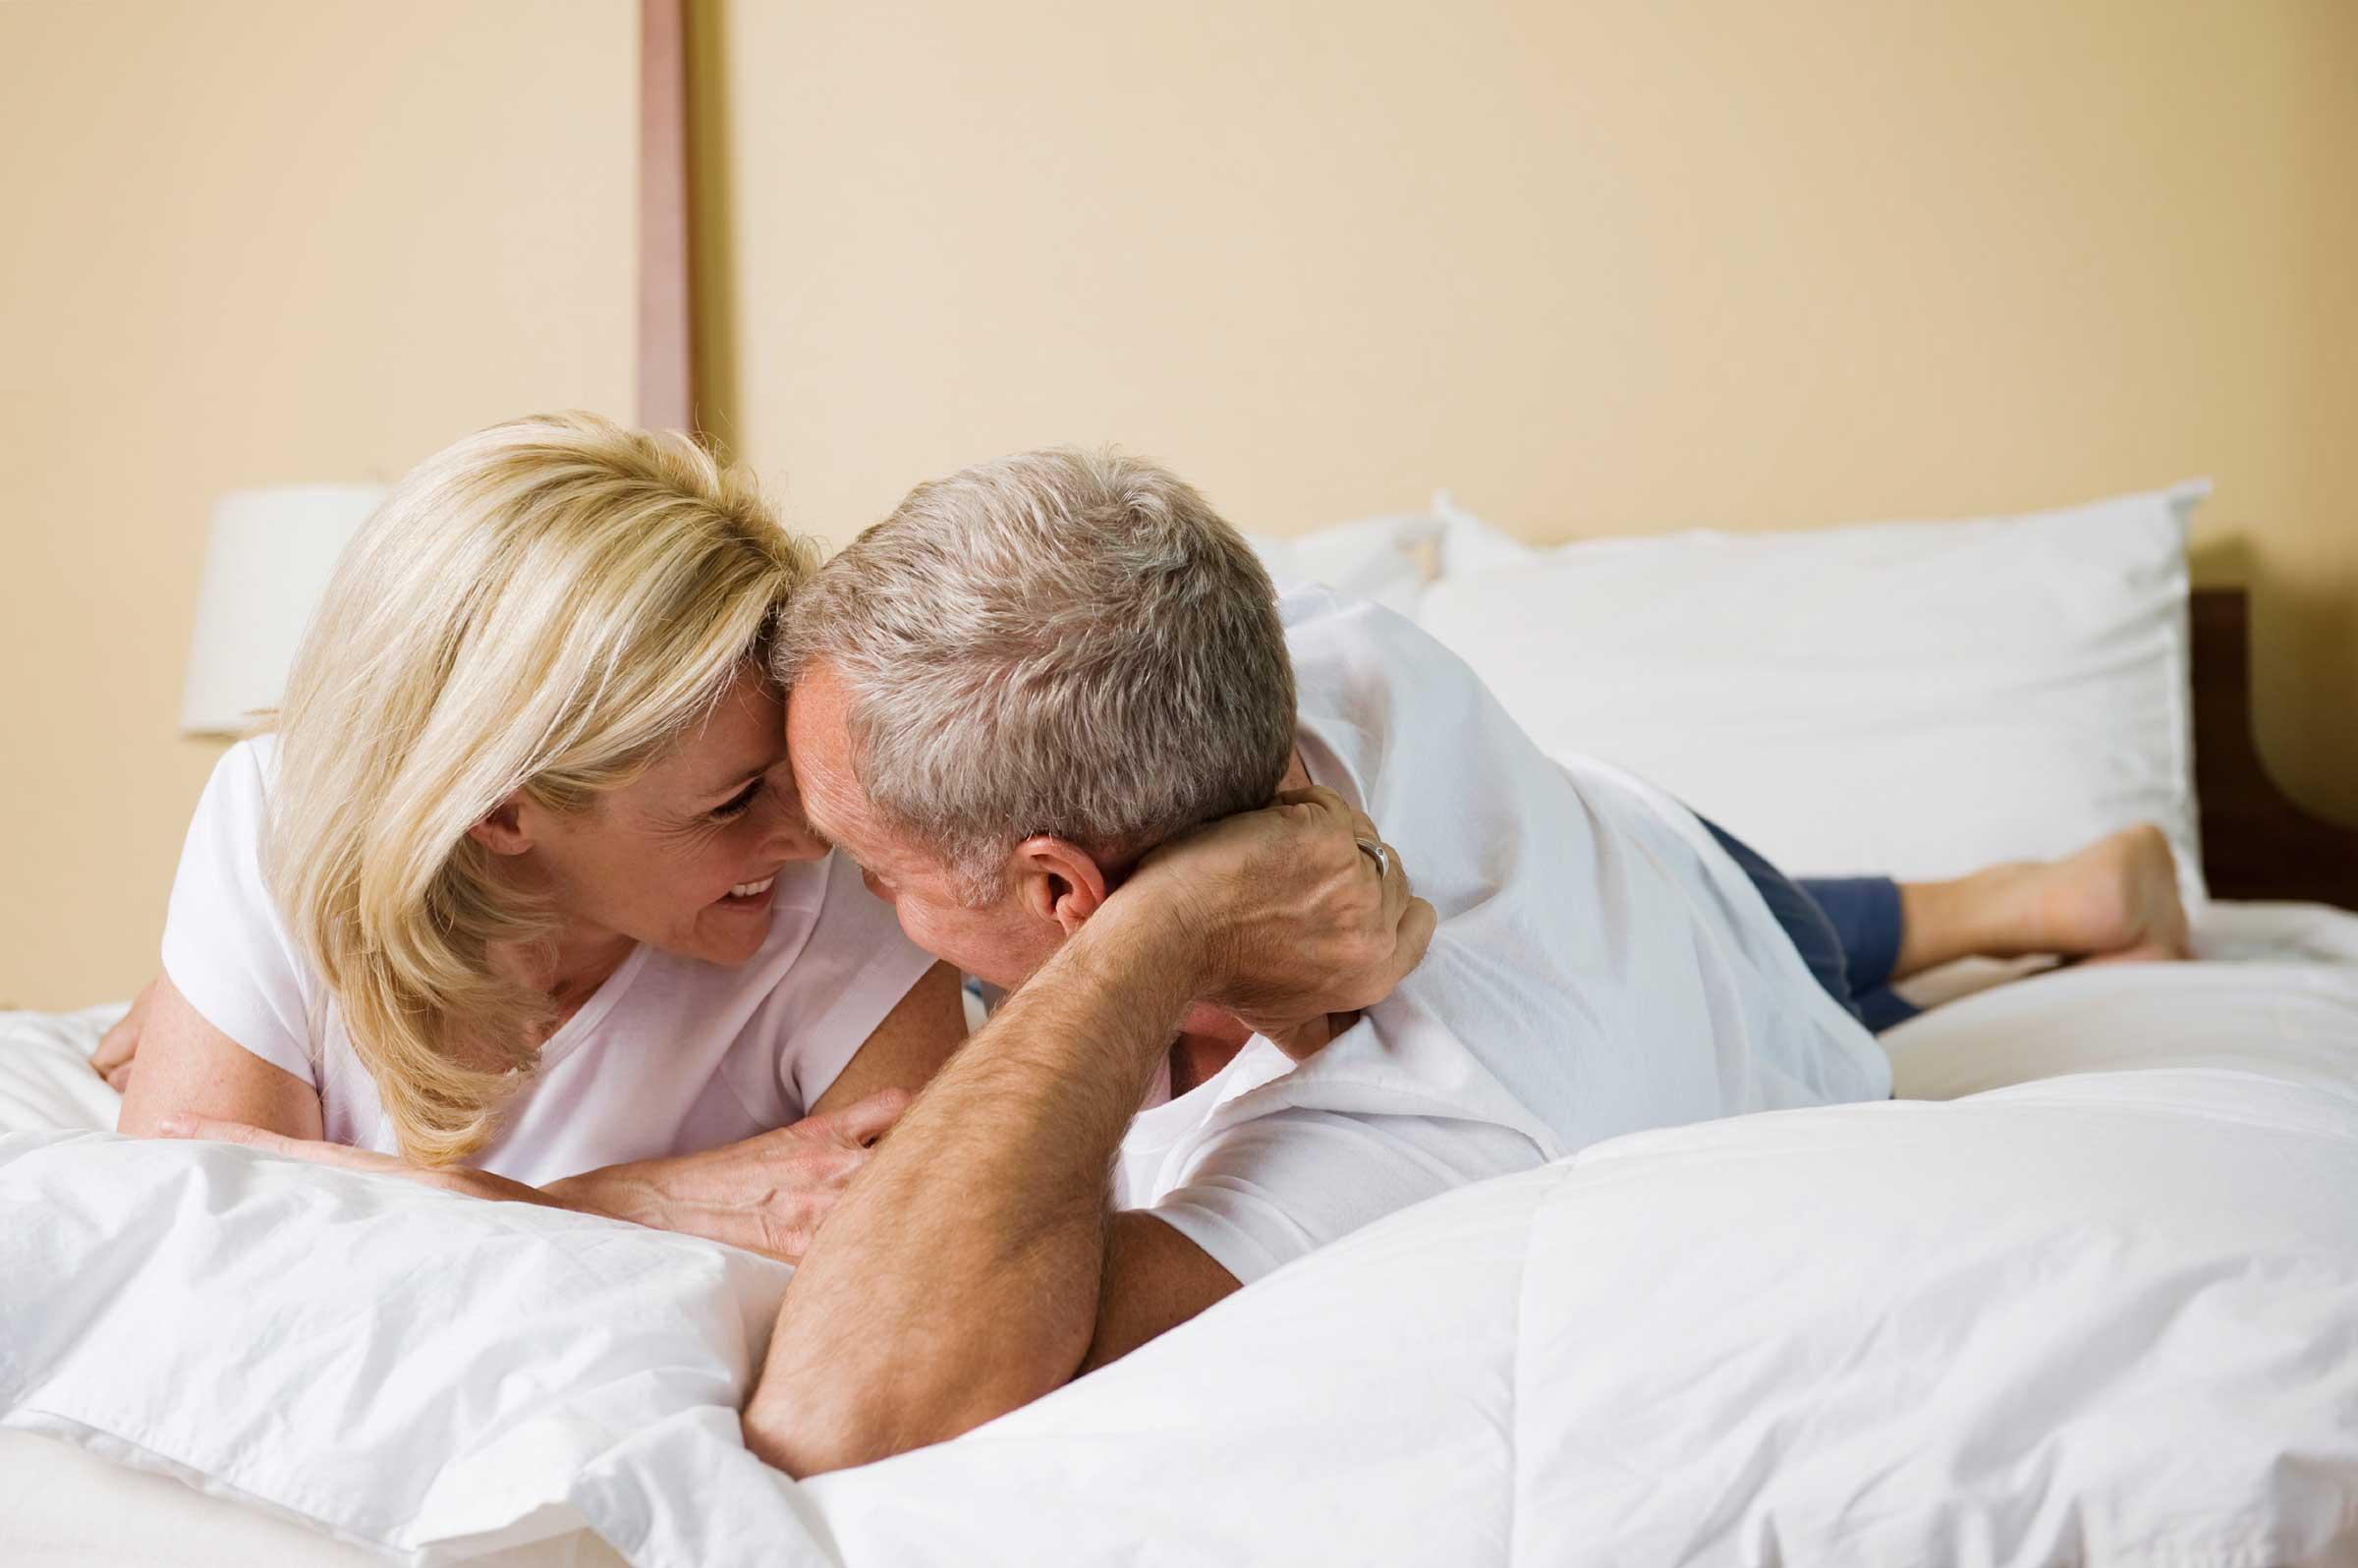 مقال يضع خلاصة تجربة ميدانية متعلقة بالمتعة الجنسية وكيفية تحقيقها في العلاقة